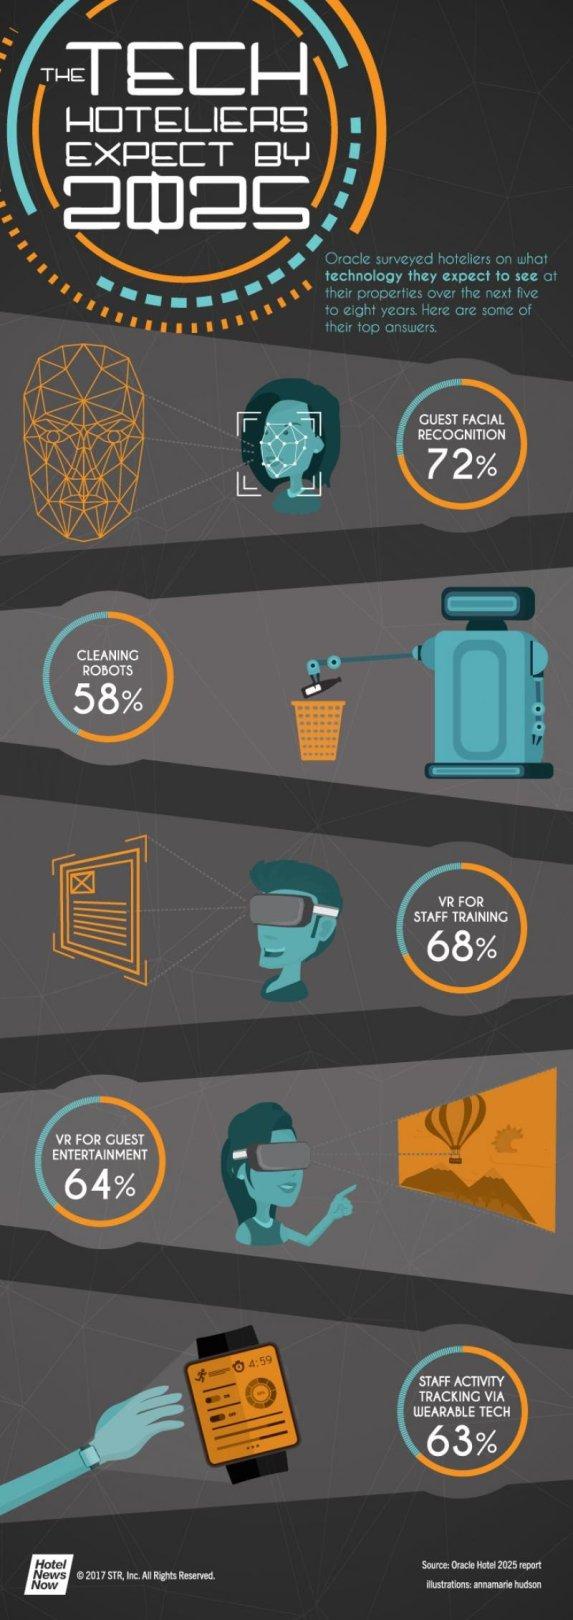 ¿Qué tecnología esperan tener los hoteles en 2025?